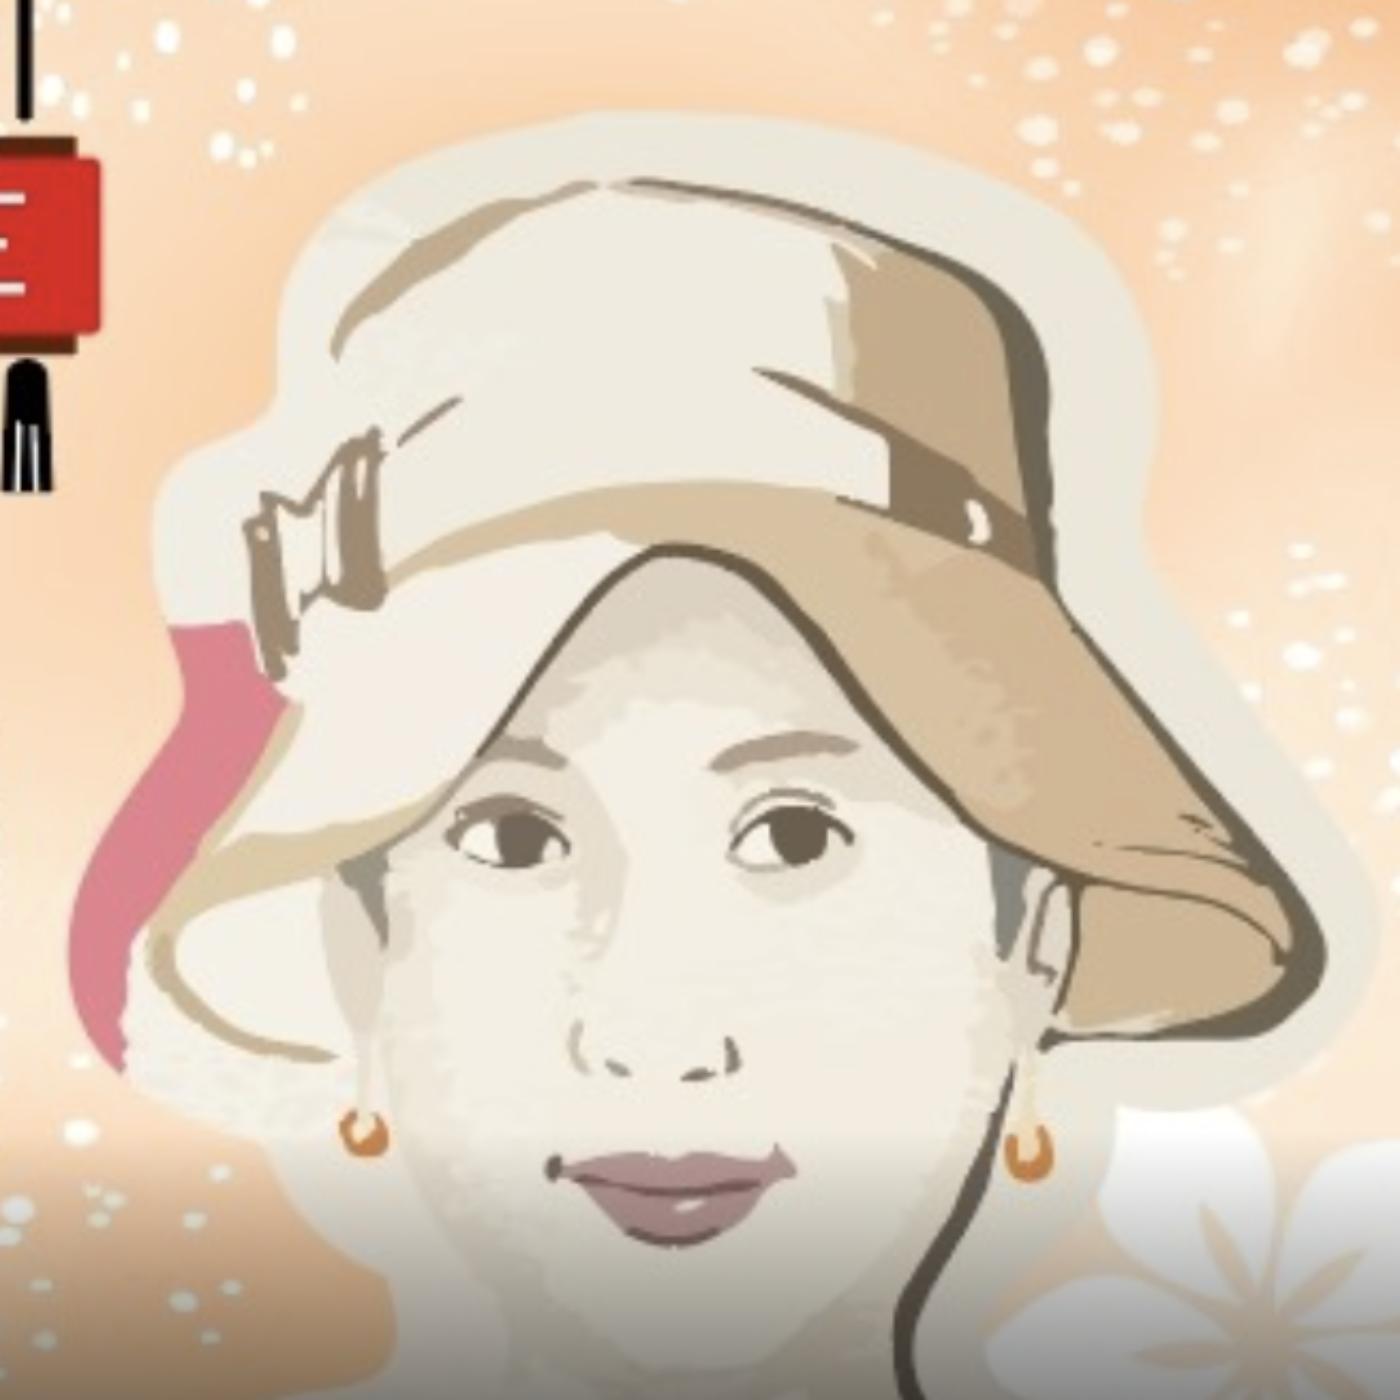 周奶奶說台灣EP3【戶外散步道】基隆河與大直的點滴漫談:開箱歷史中的海軍總部、七海官邸、忠烈祠、中央電台、台北故事屋與茶商